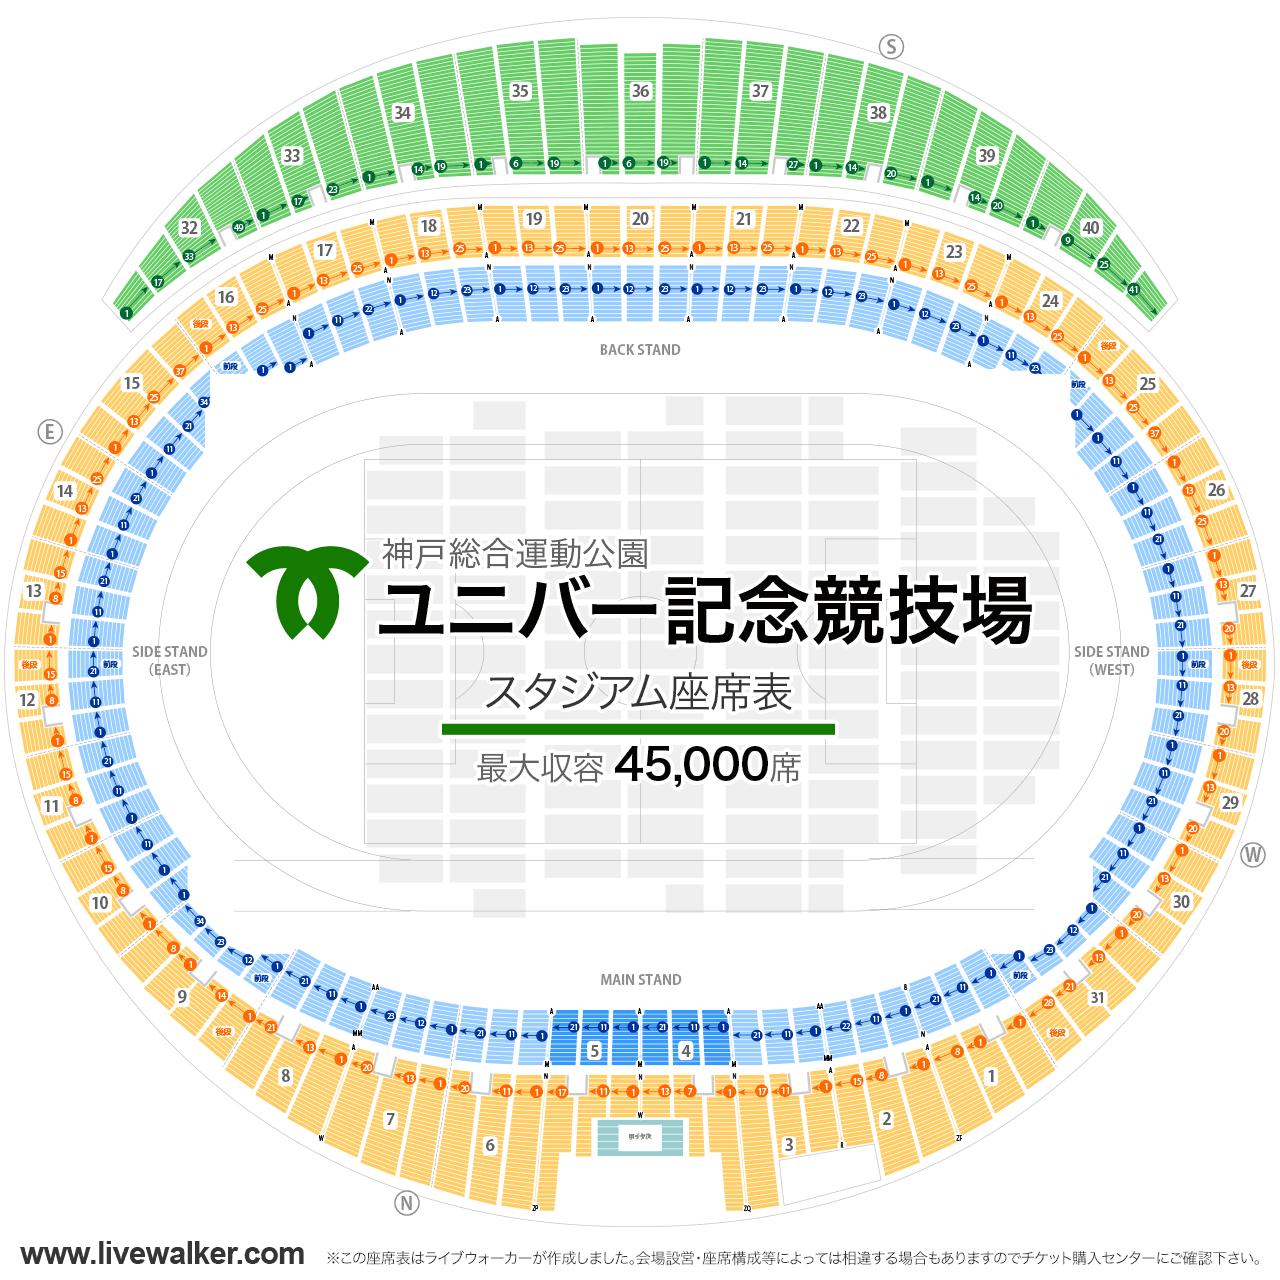 神戸総合運動公園ユニバー記念競技場スタジアムの座席表